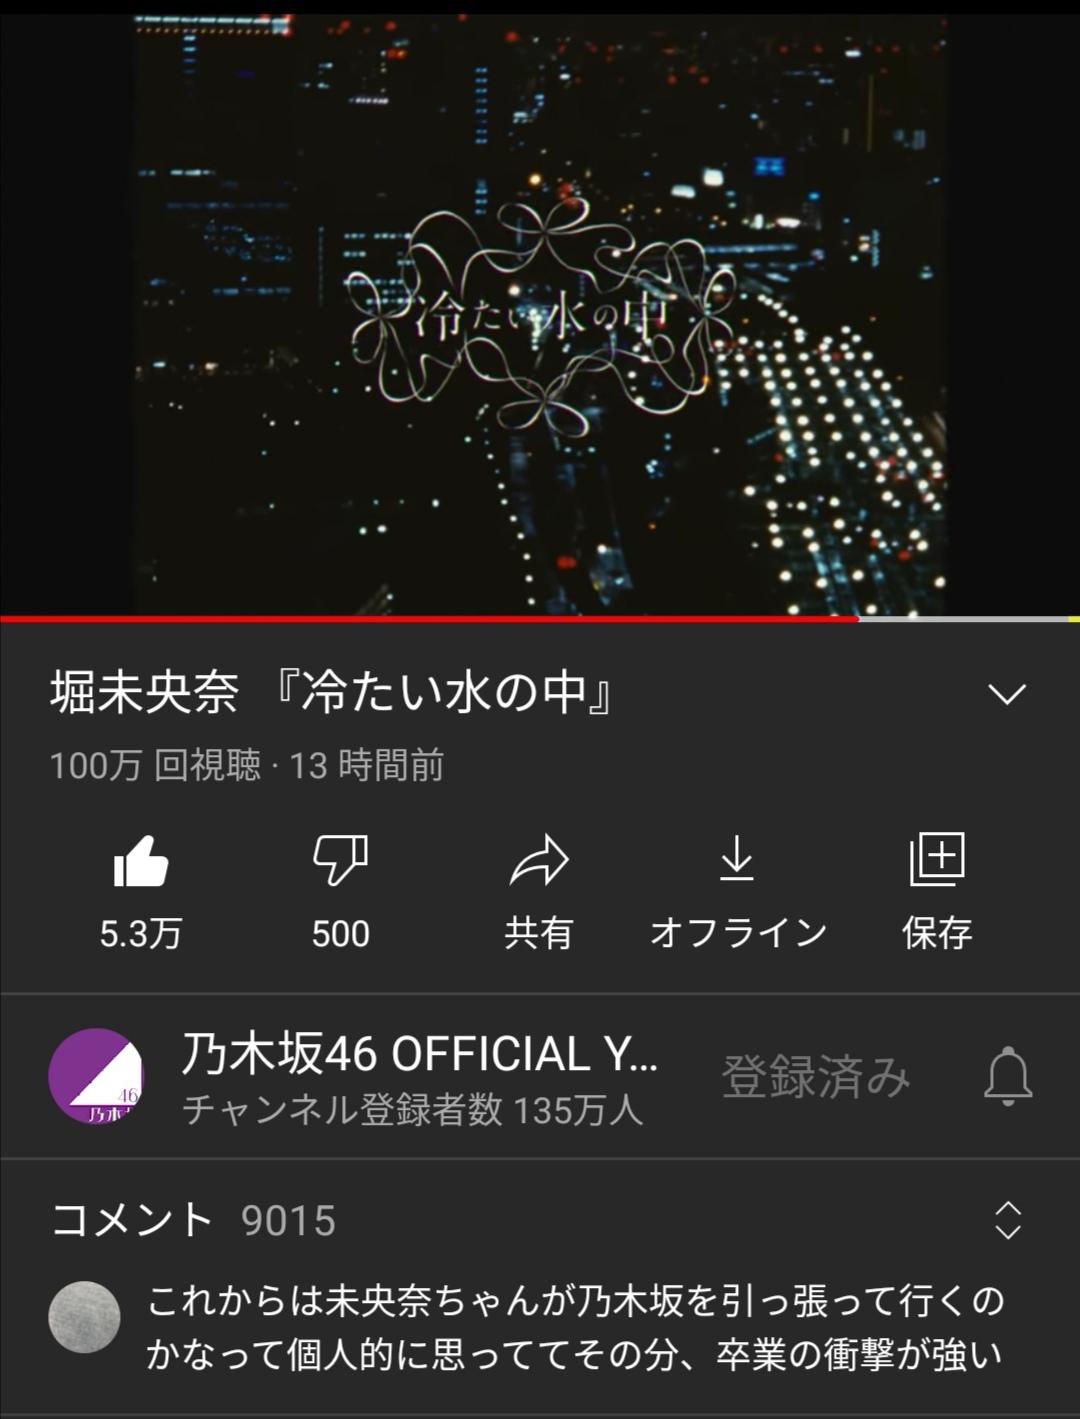 乃木坂46堀未央奈ソロ曲「冷たい水の中」MV、13時間で100万再生達成